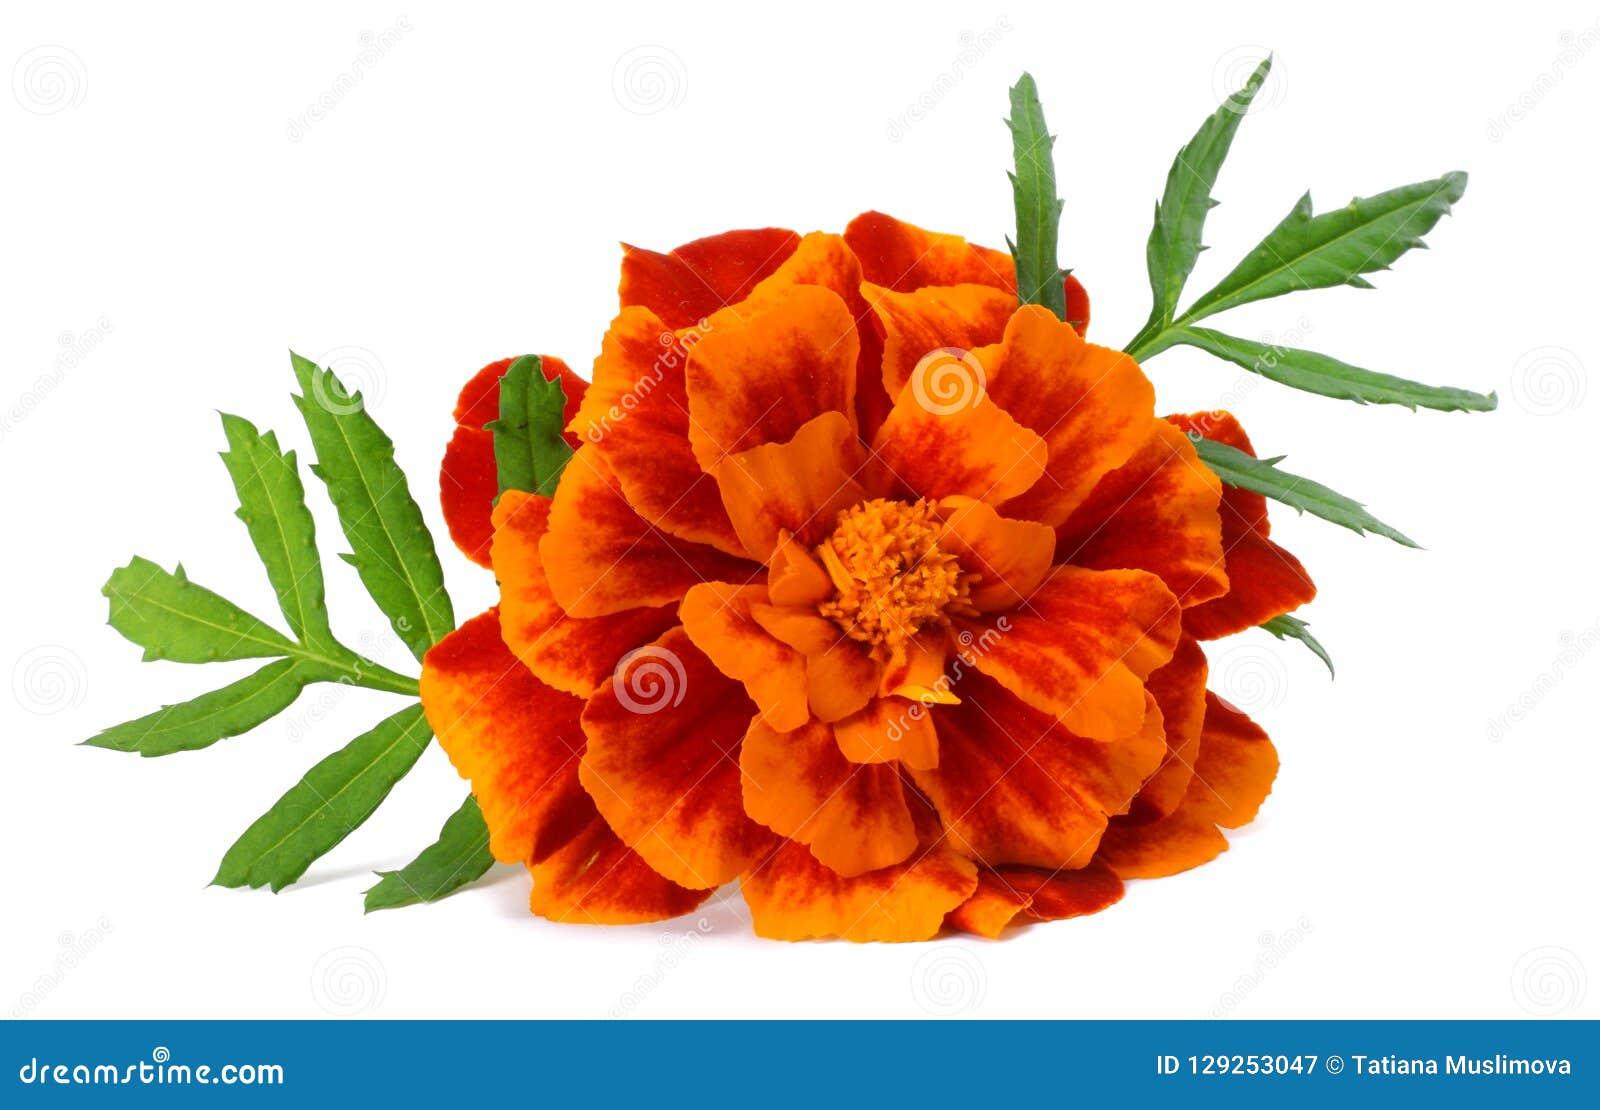 Flor alaranjada do cravo-de-defunto, ereta de Tagetes, cravo-de-defunto mexicano, cravo-de-defunto asteca, cravo-de-defunto afric